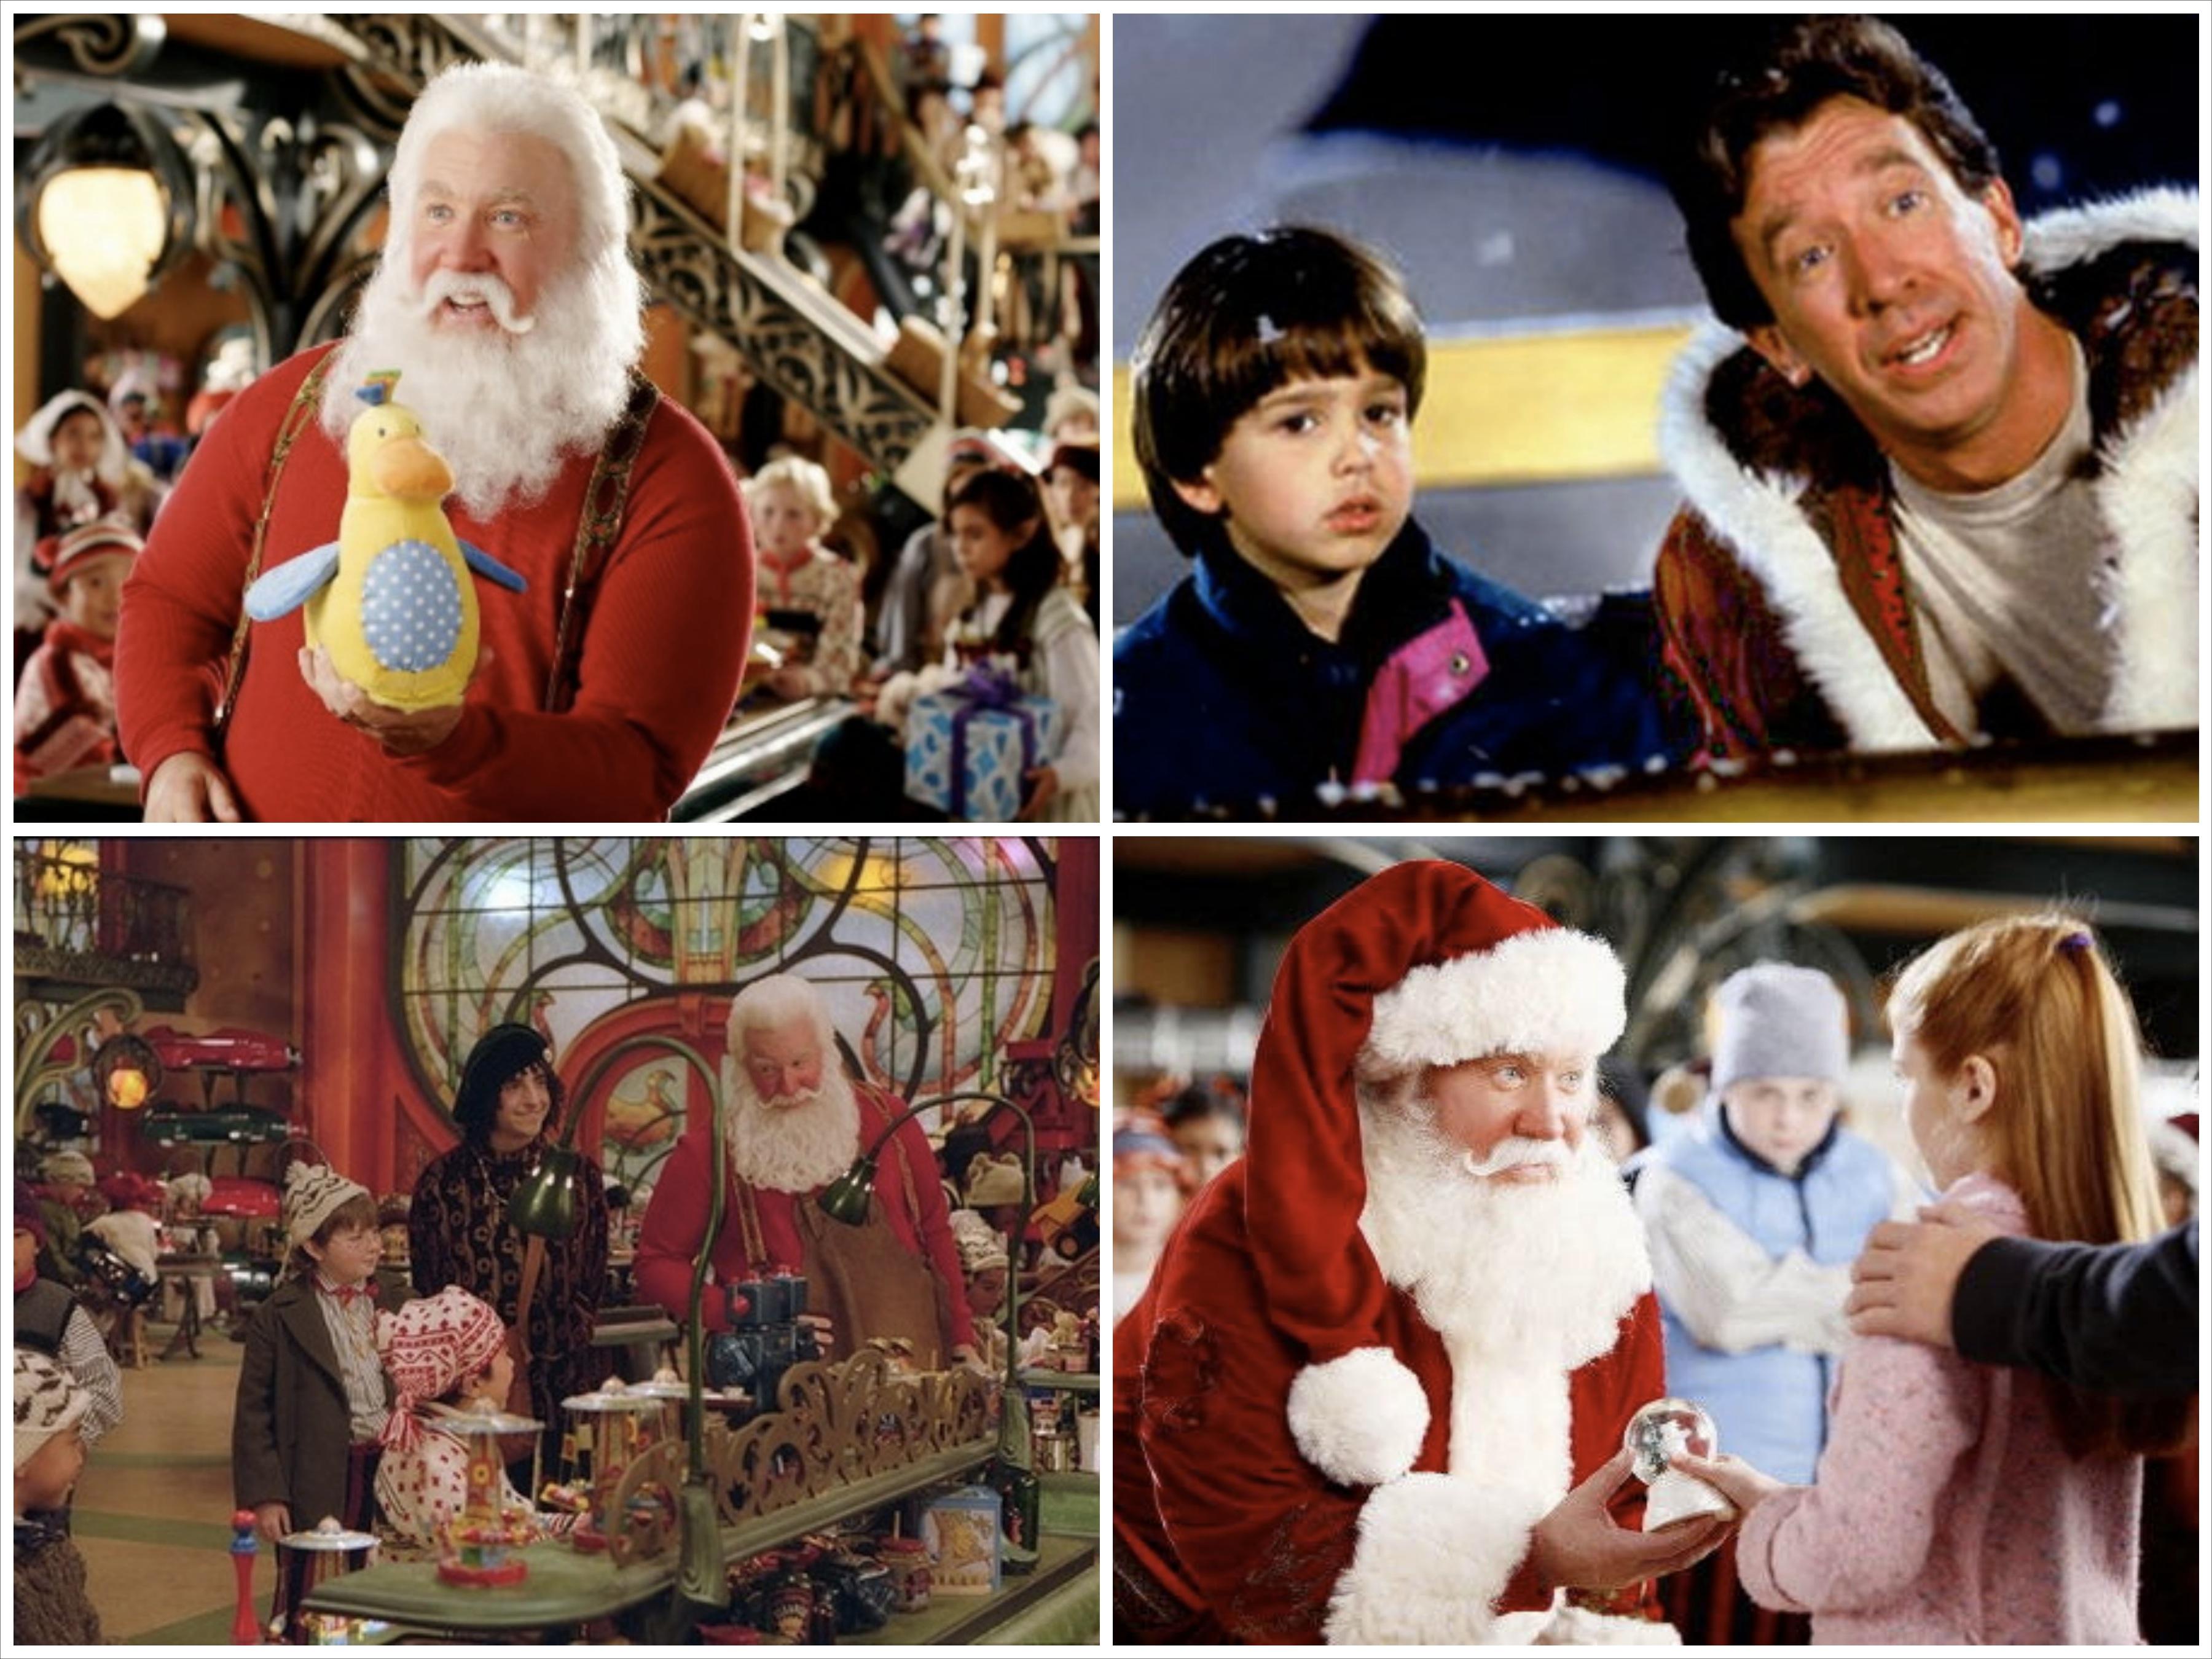 Cuidado com o que veste no Natal. Pode estar assinando a Santa Claúsula sem saber!